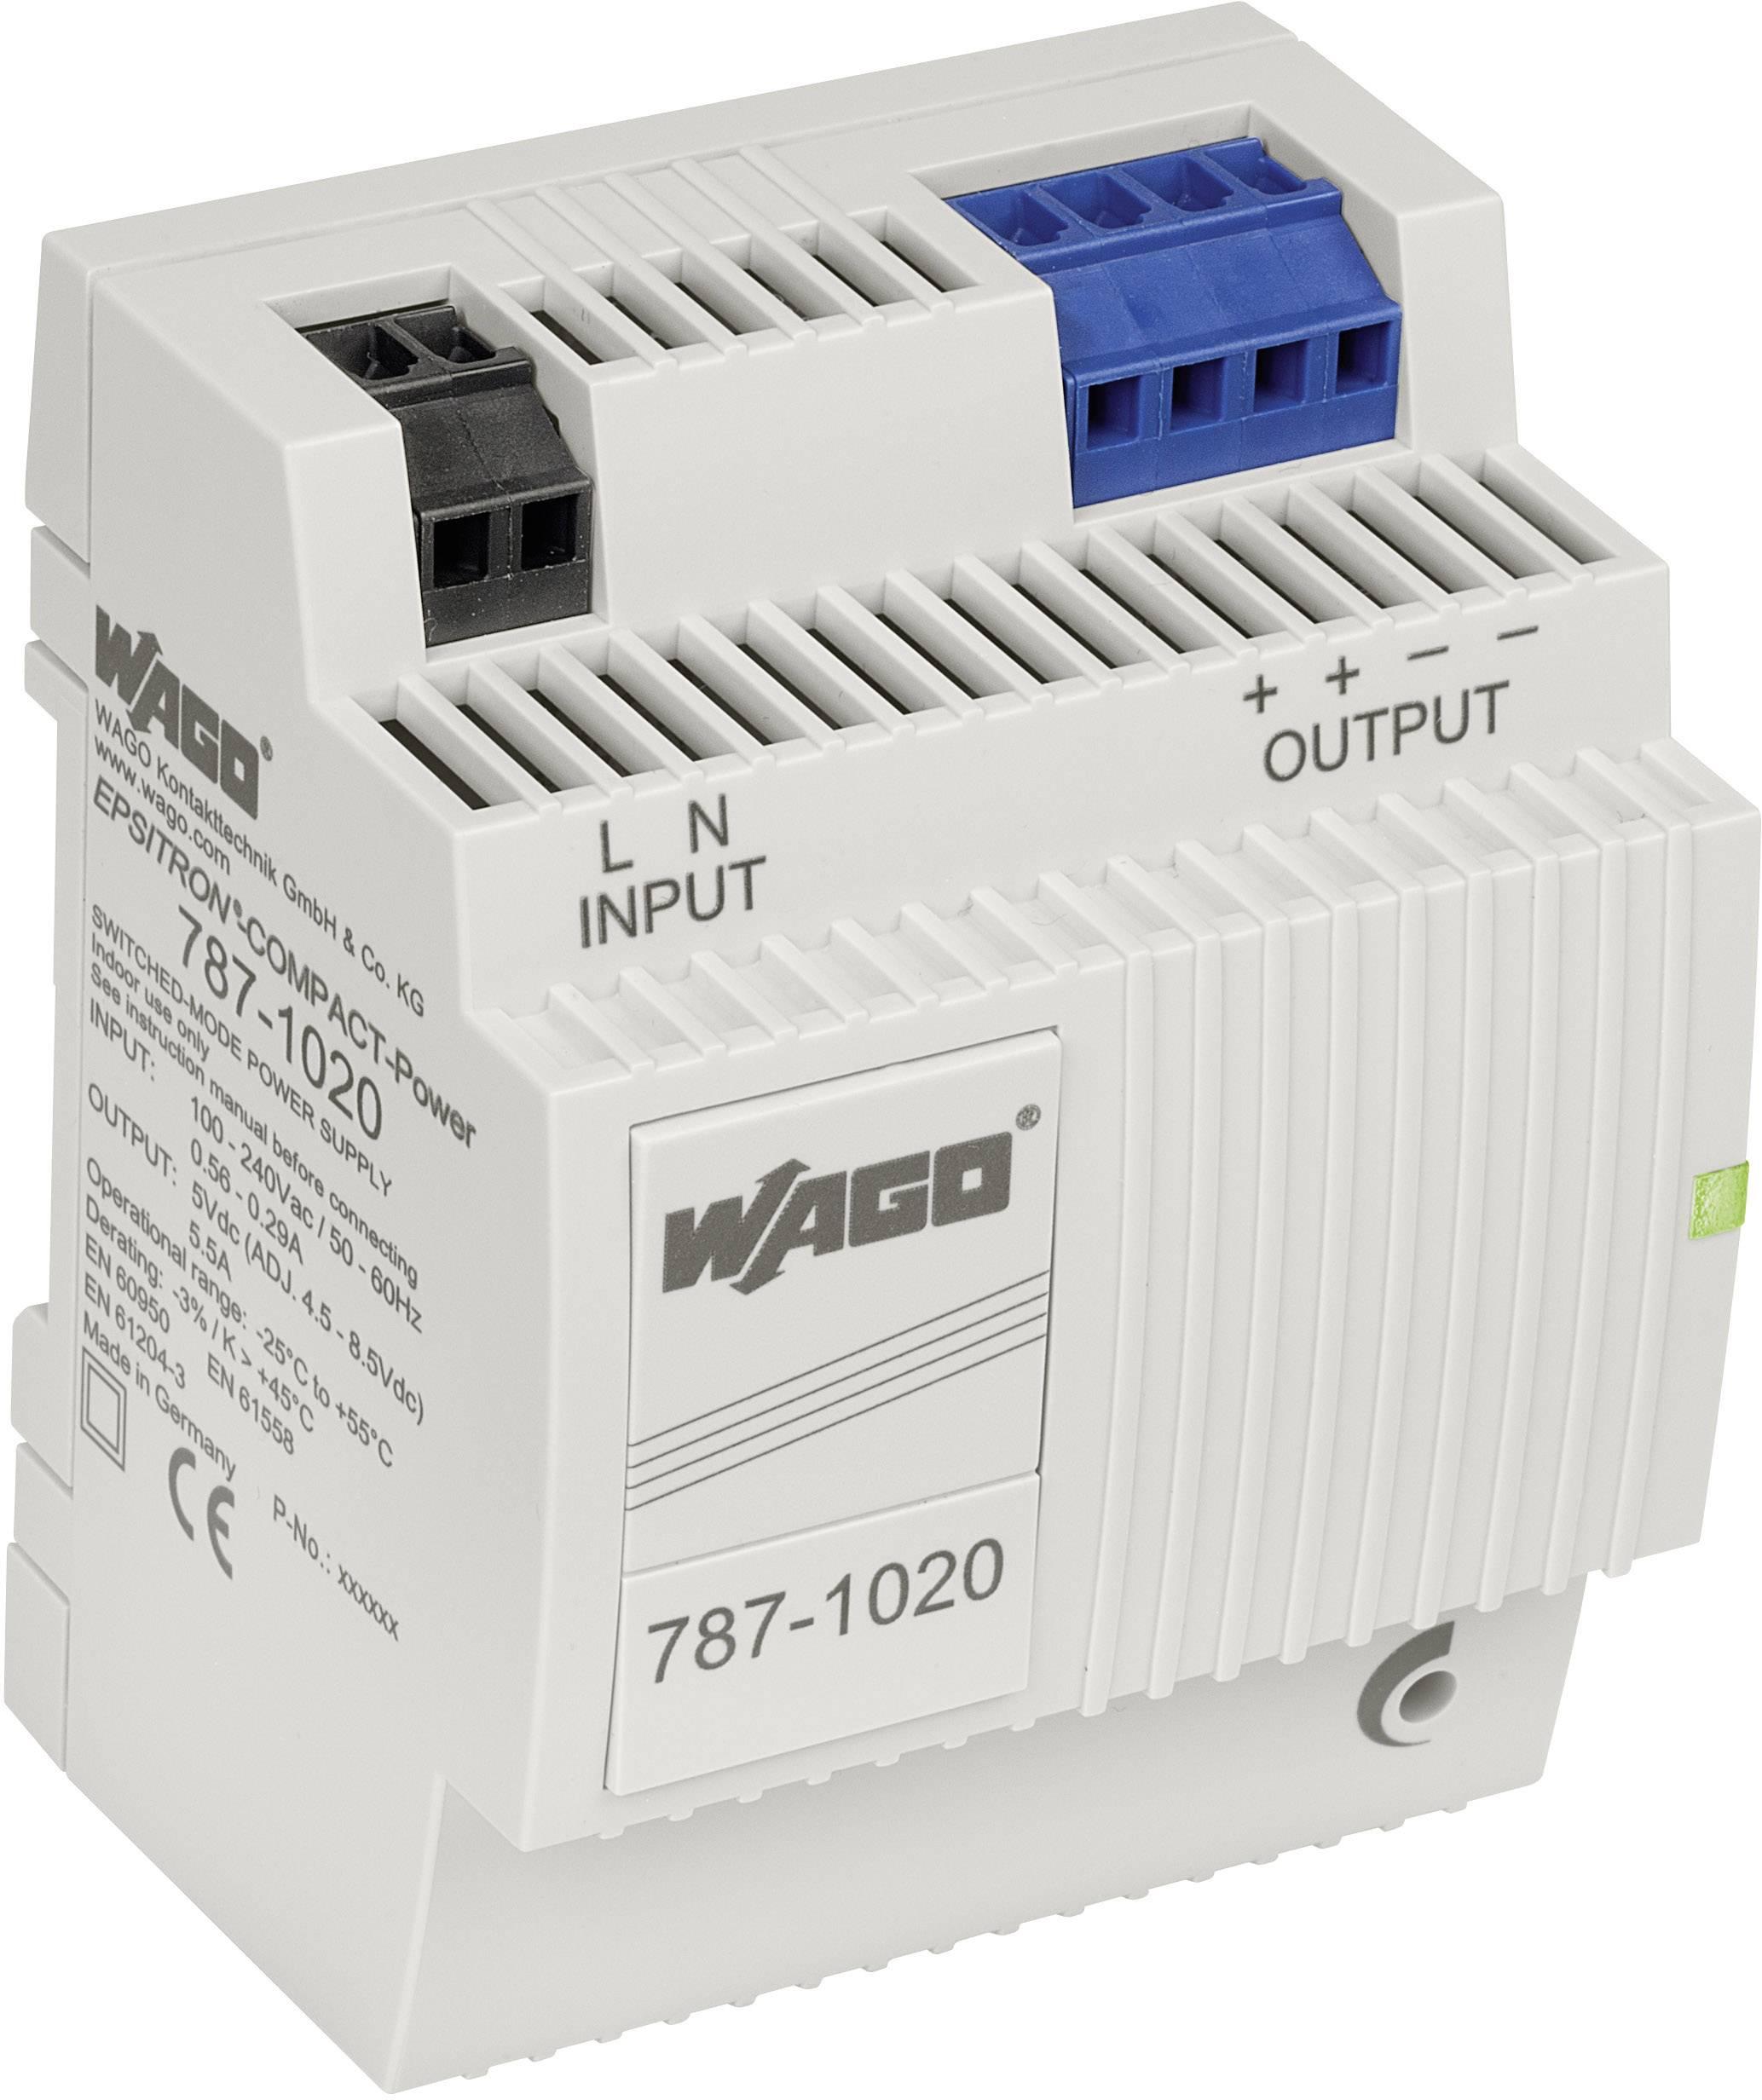 Síťový zdroj na DIN lištu WAGO 787-1020, 1 x, 5 V, 5.5 A, 27.5 W